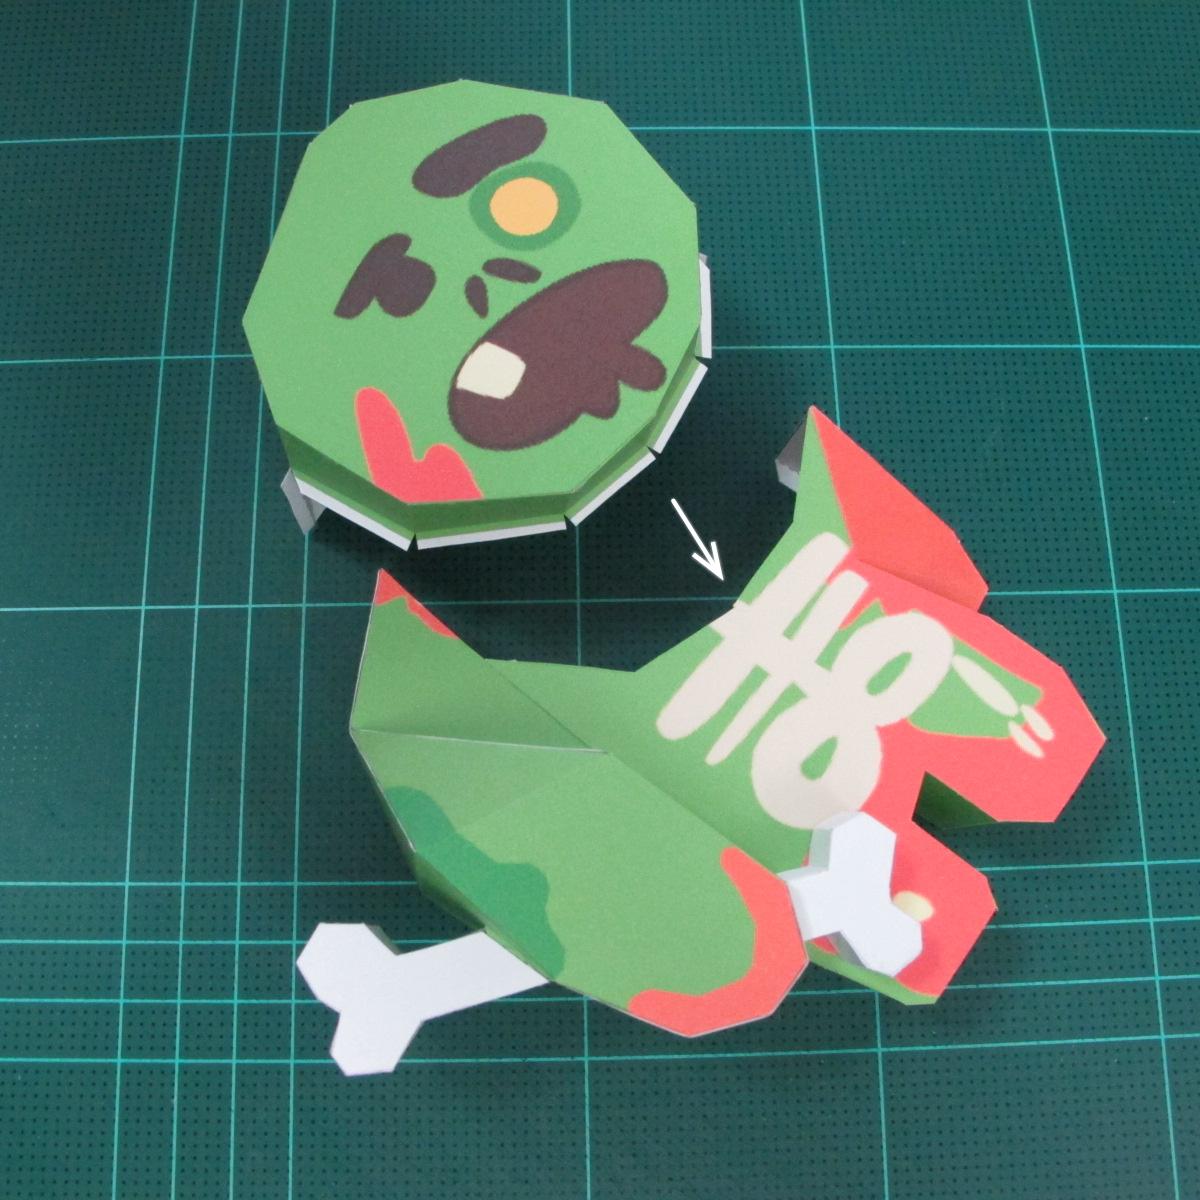 วิธีทำโมเดลกระดาษตุ้กตา คุกกี้ รัน คุกกี้รสซอมบี้ (LINE Cookie Run Zombie Cookie Papercraft Model) 023